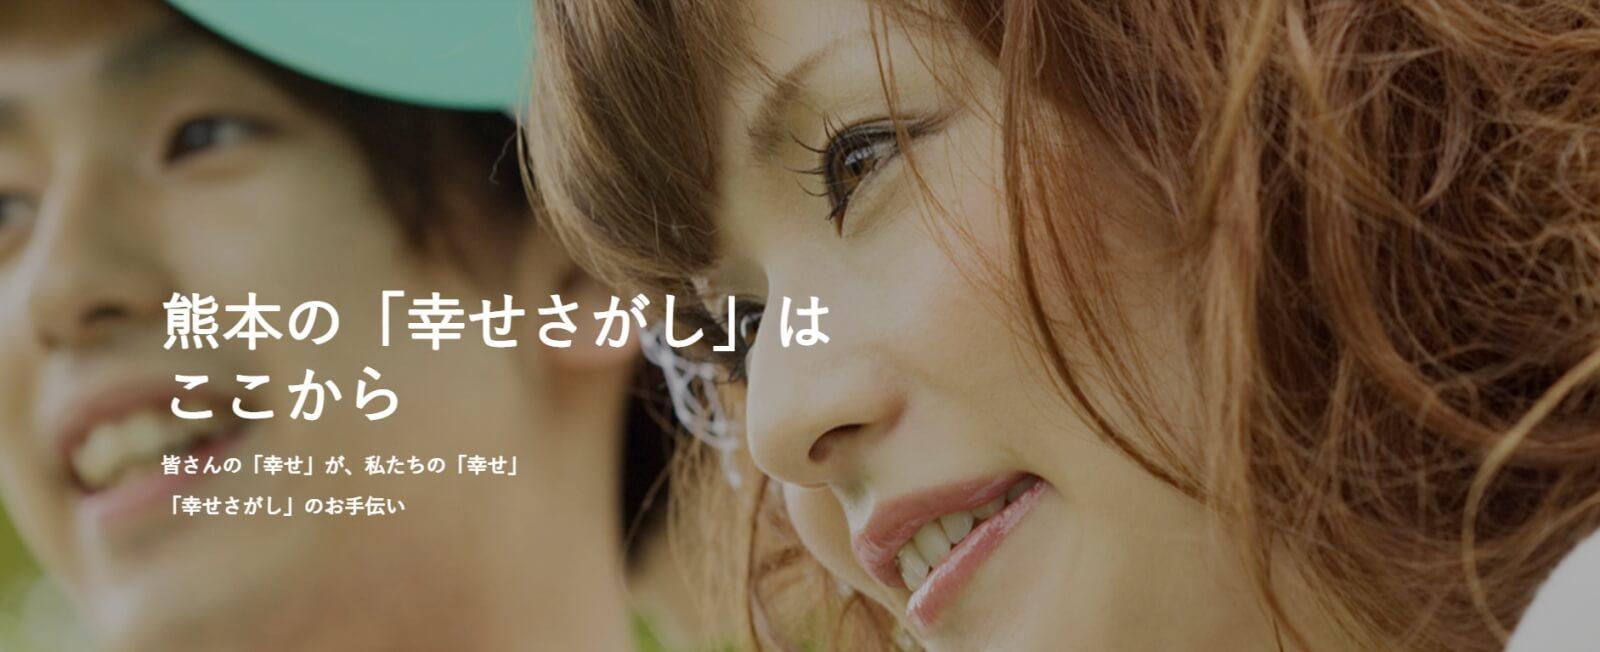 12位 Ensemble(アンサンブル)